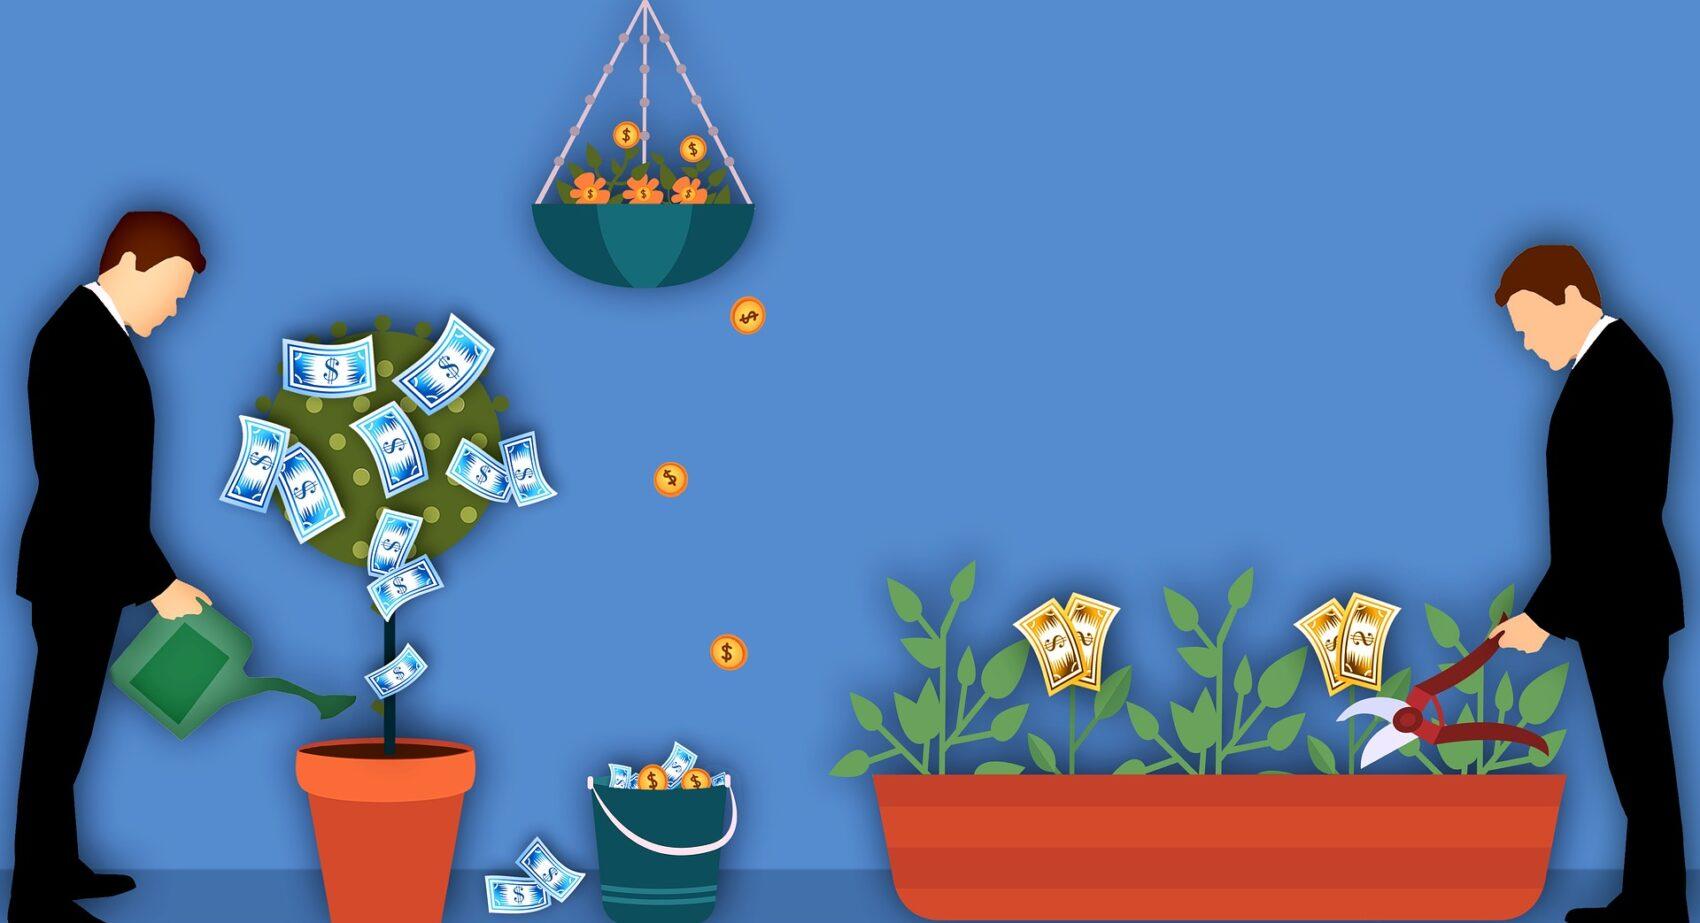 Ações garantem o futuro: veja como investir focando no longo prazo